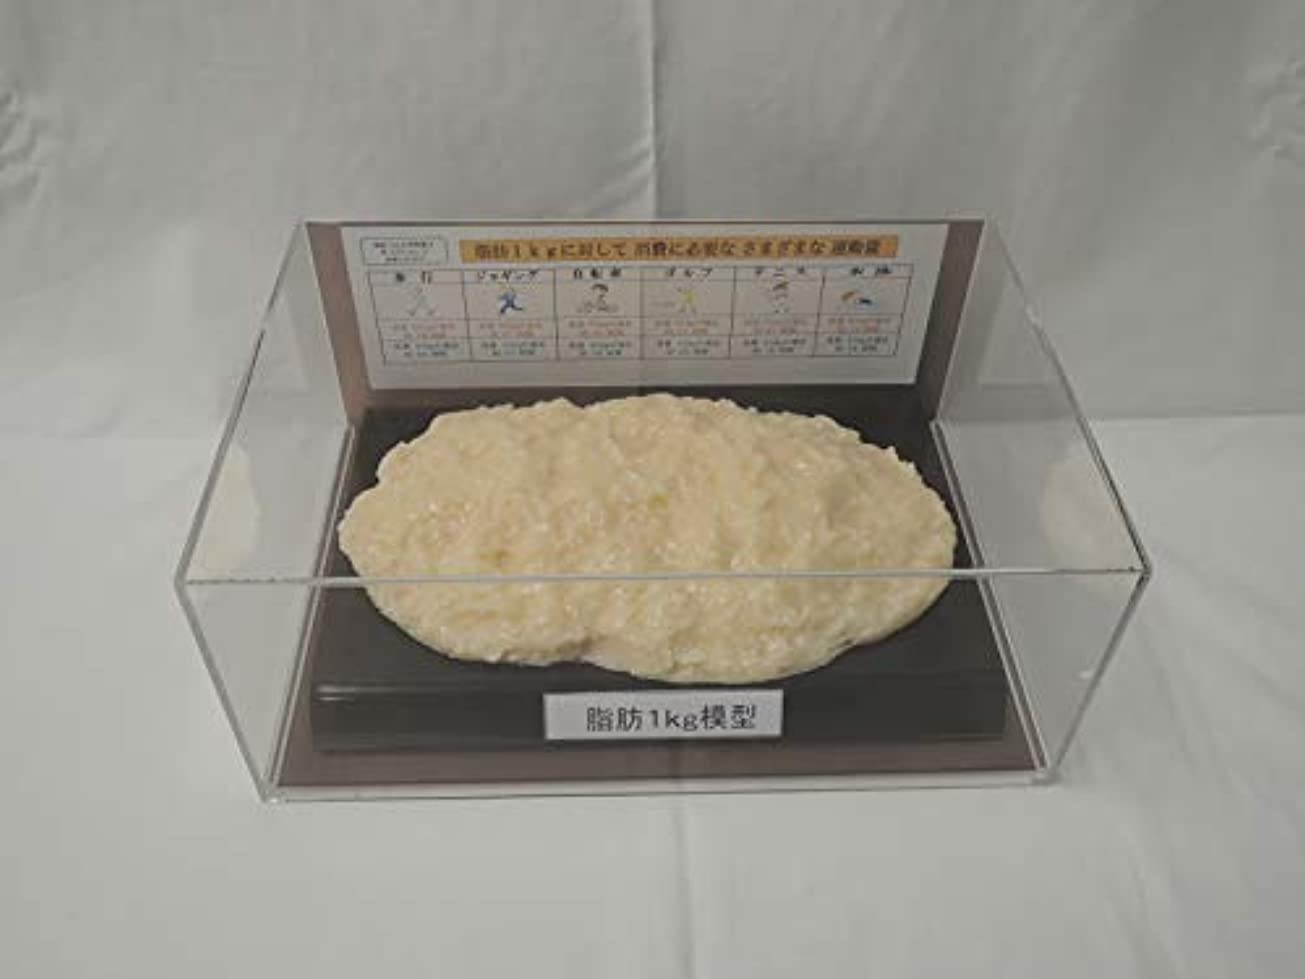 特派員グロー汚れる脂肪模型 フィギアケース入 1kg ダイエット 健康 肥満 トレーニング フードモデル 食品サンプル